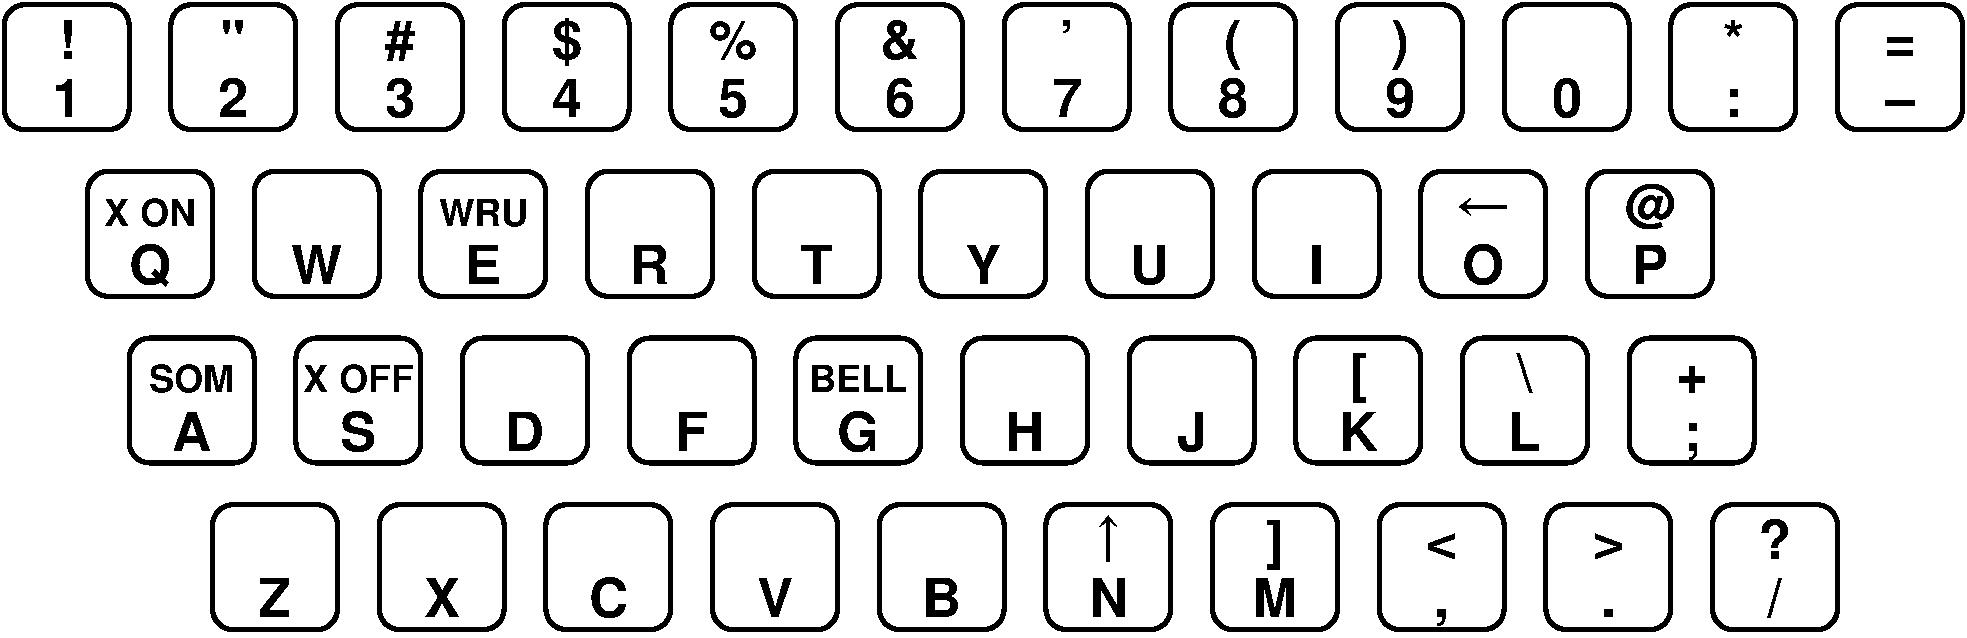 「Teletype Model 33」のキー配列